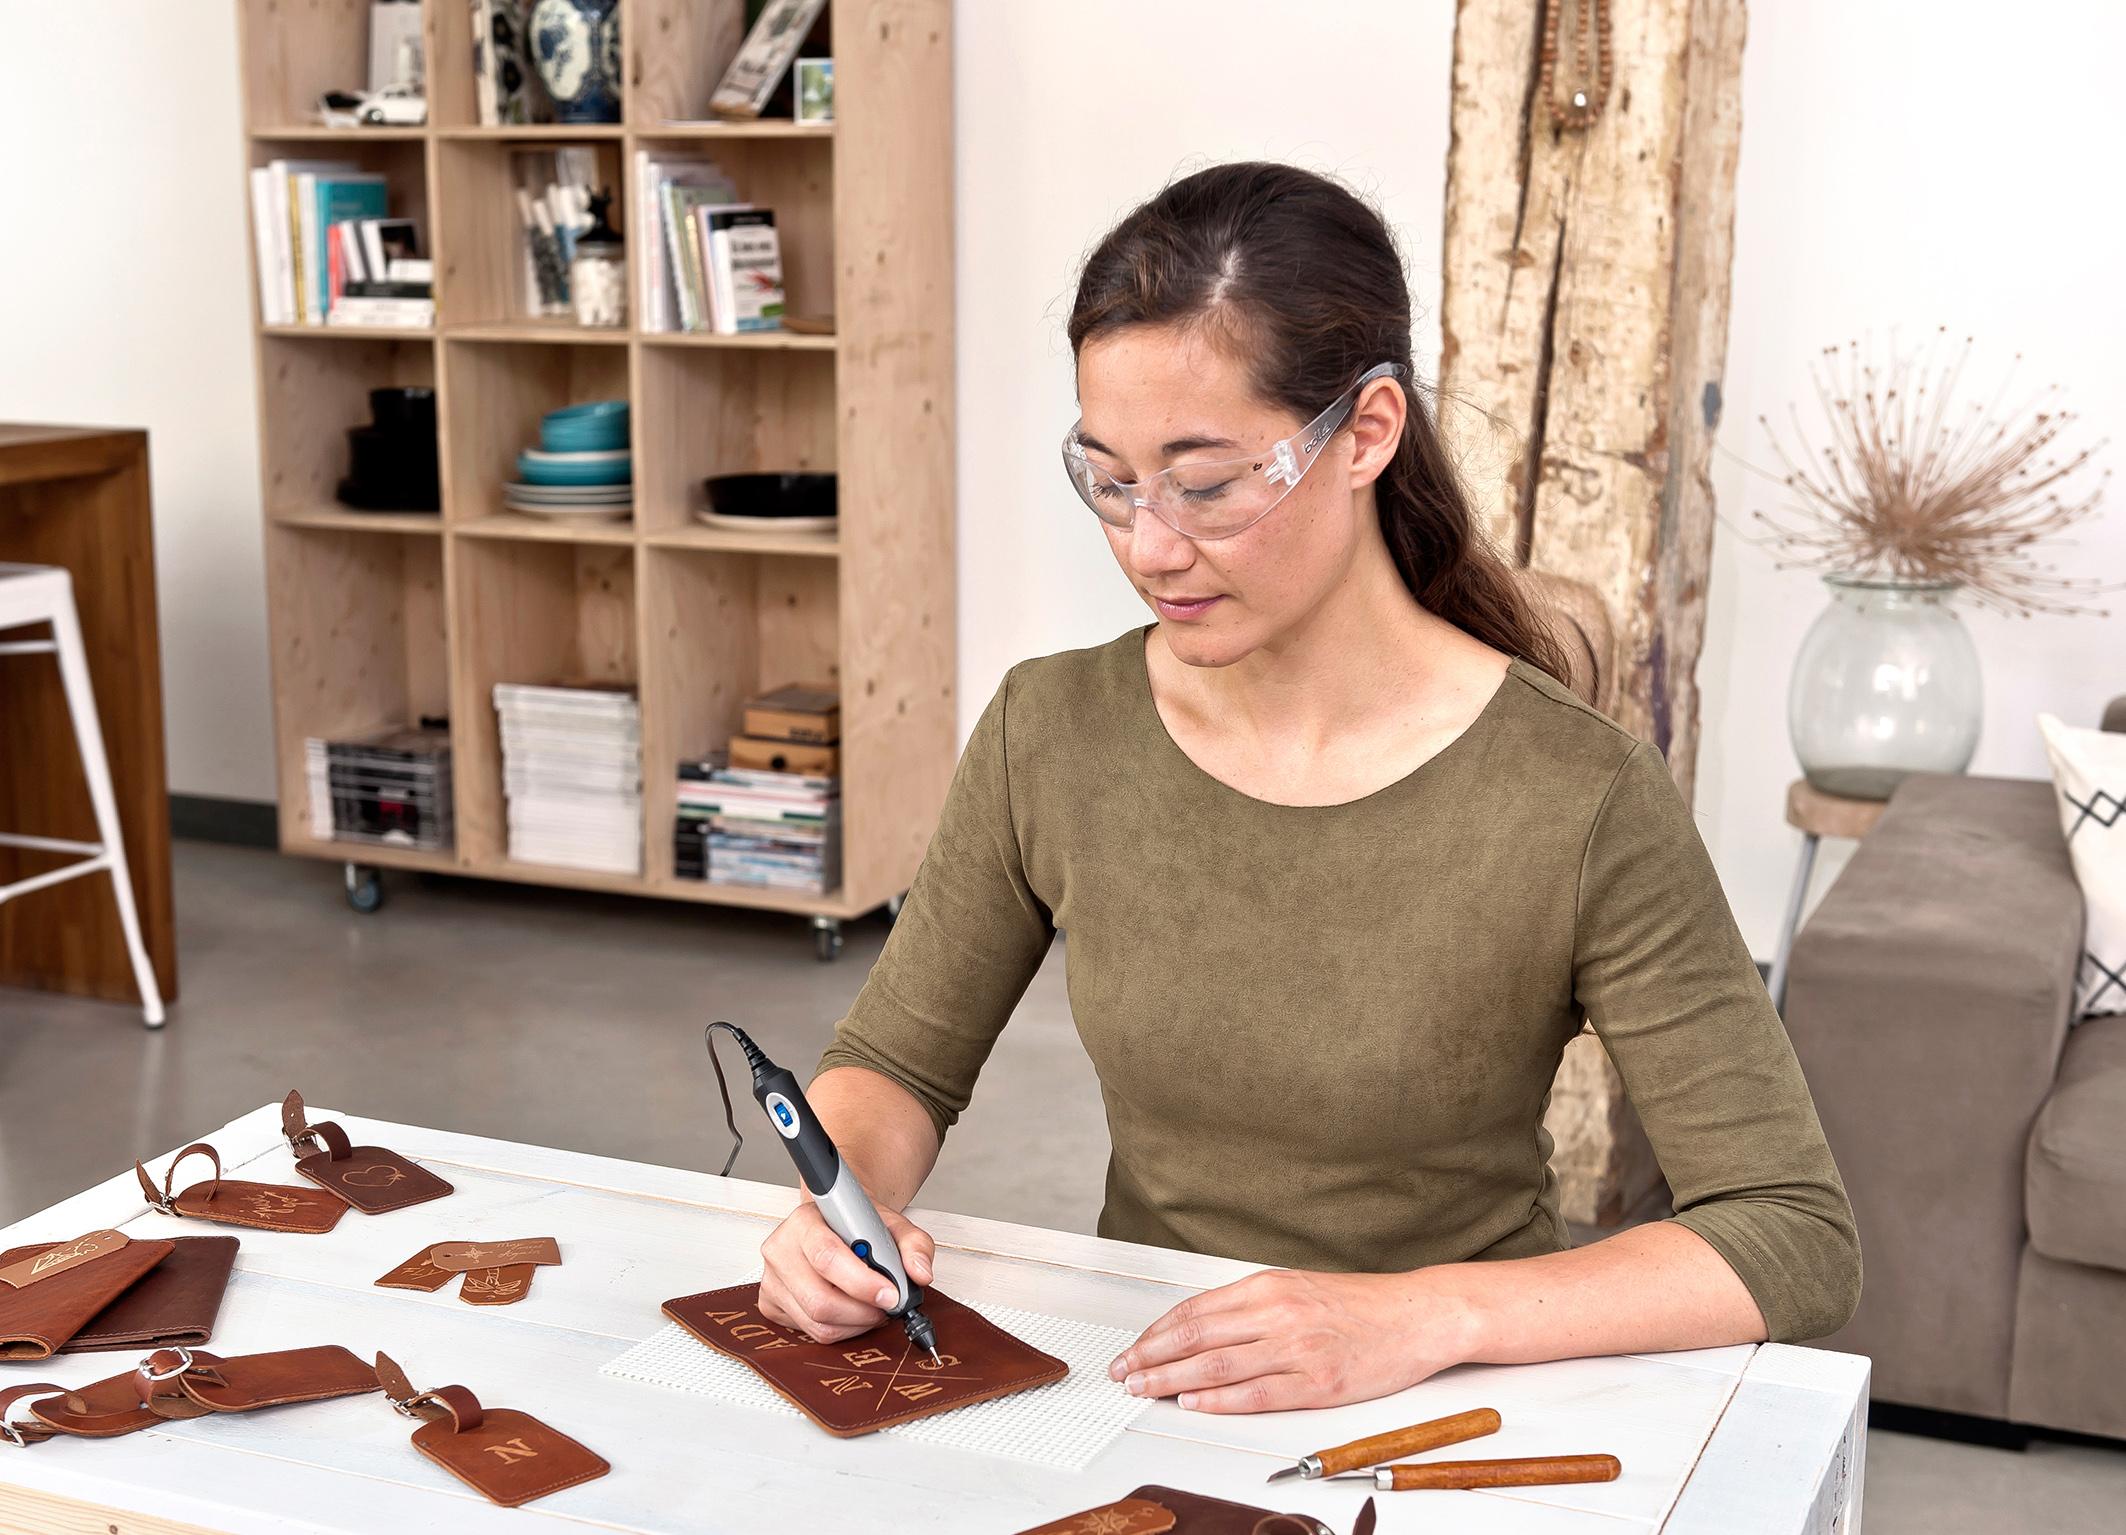 Kreative Projekte präzise wie mit einem Stift umsetzen: Dremel Stylo+ für filigranes Arbeiten